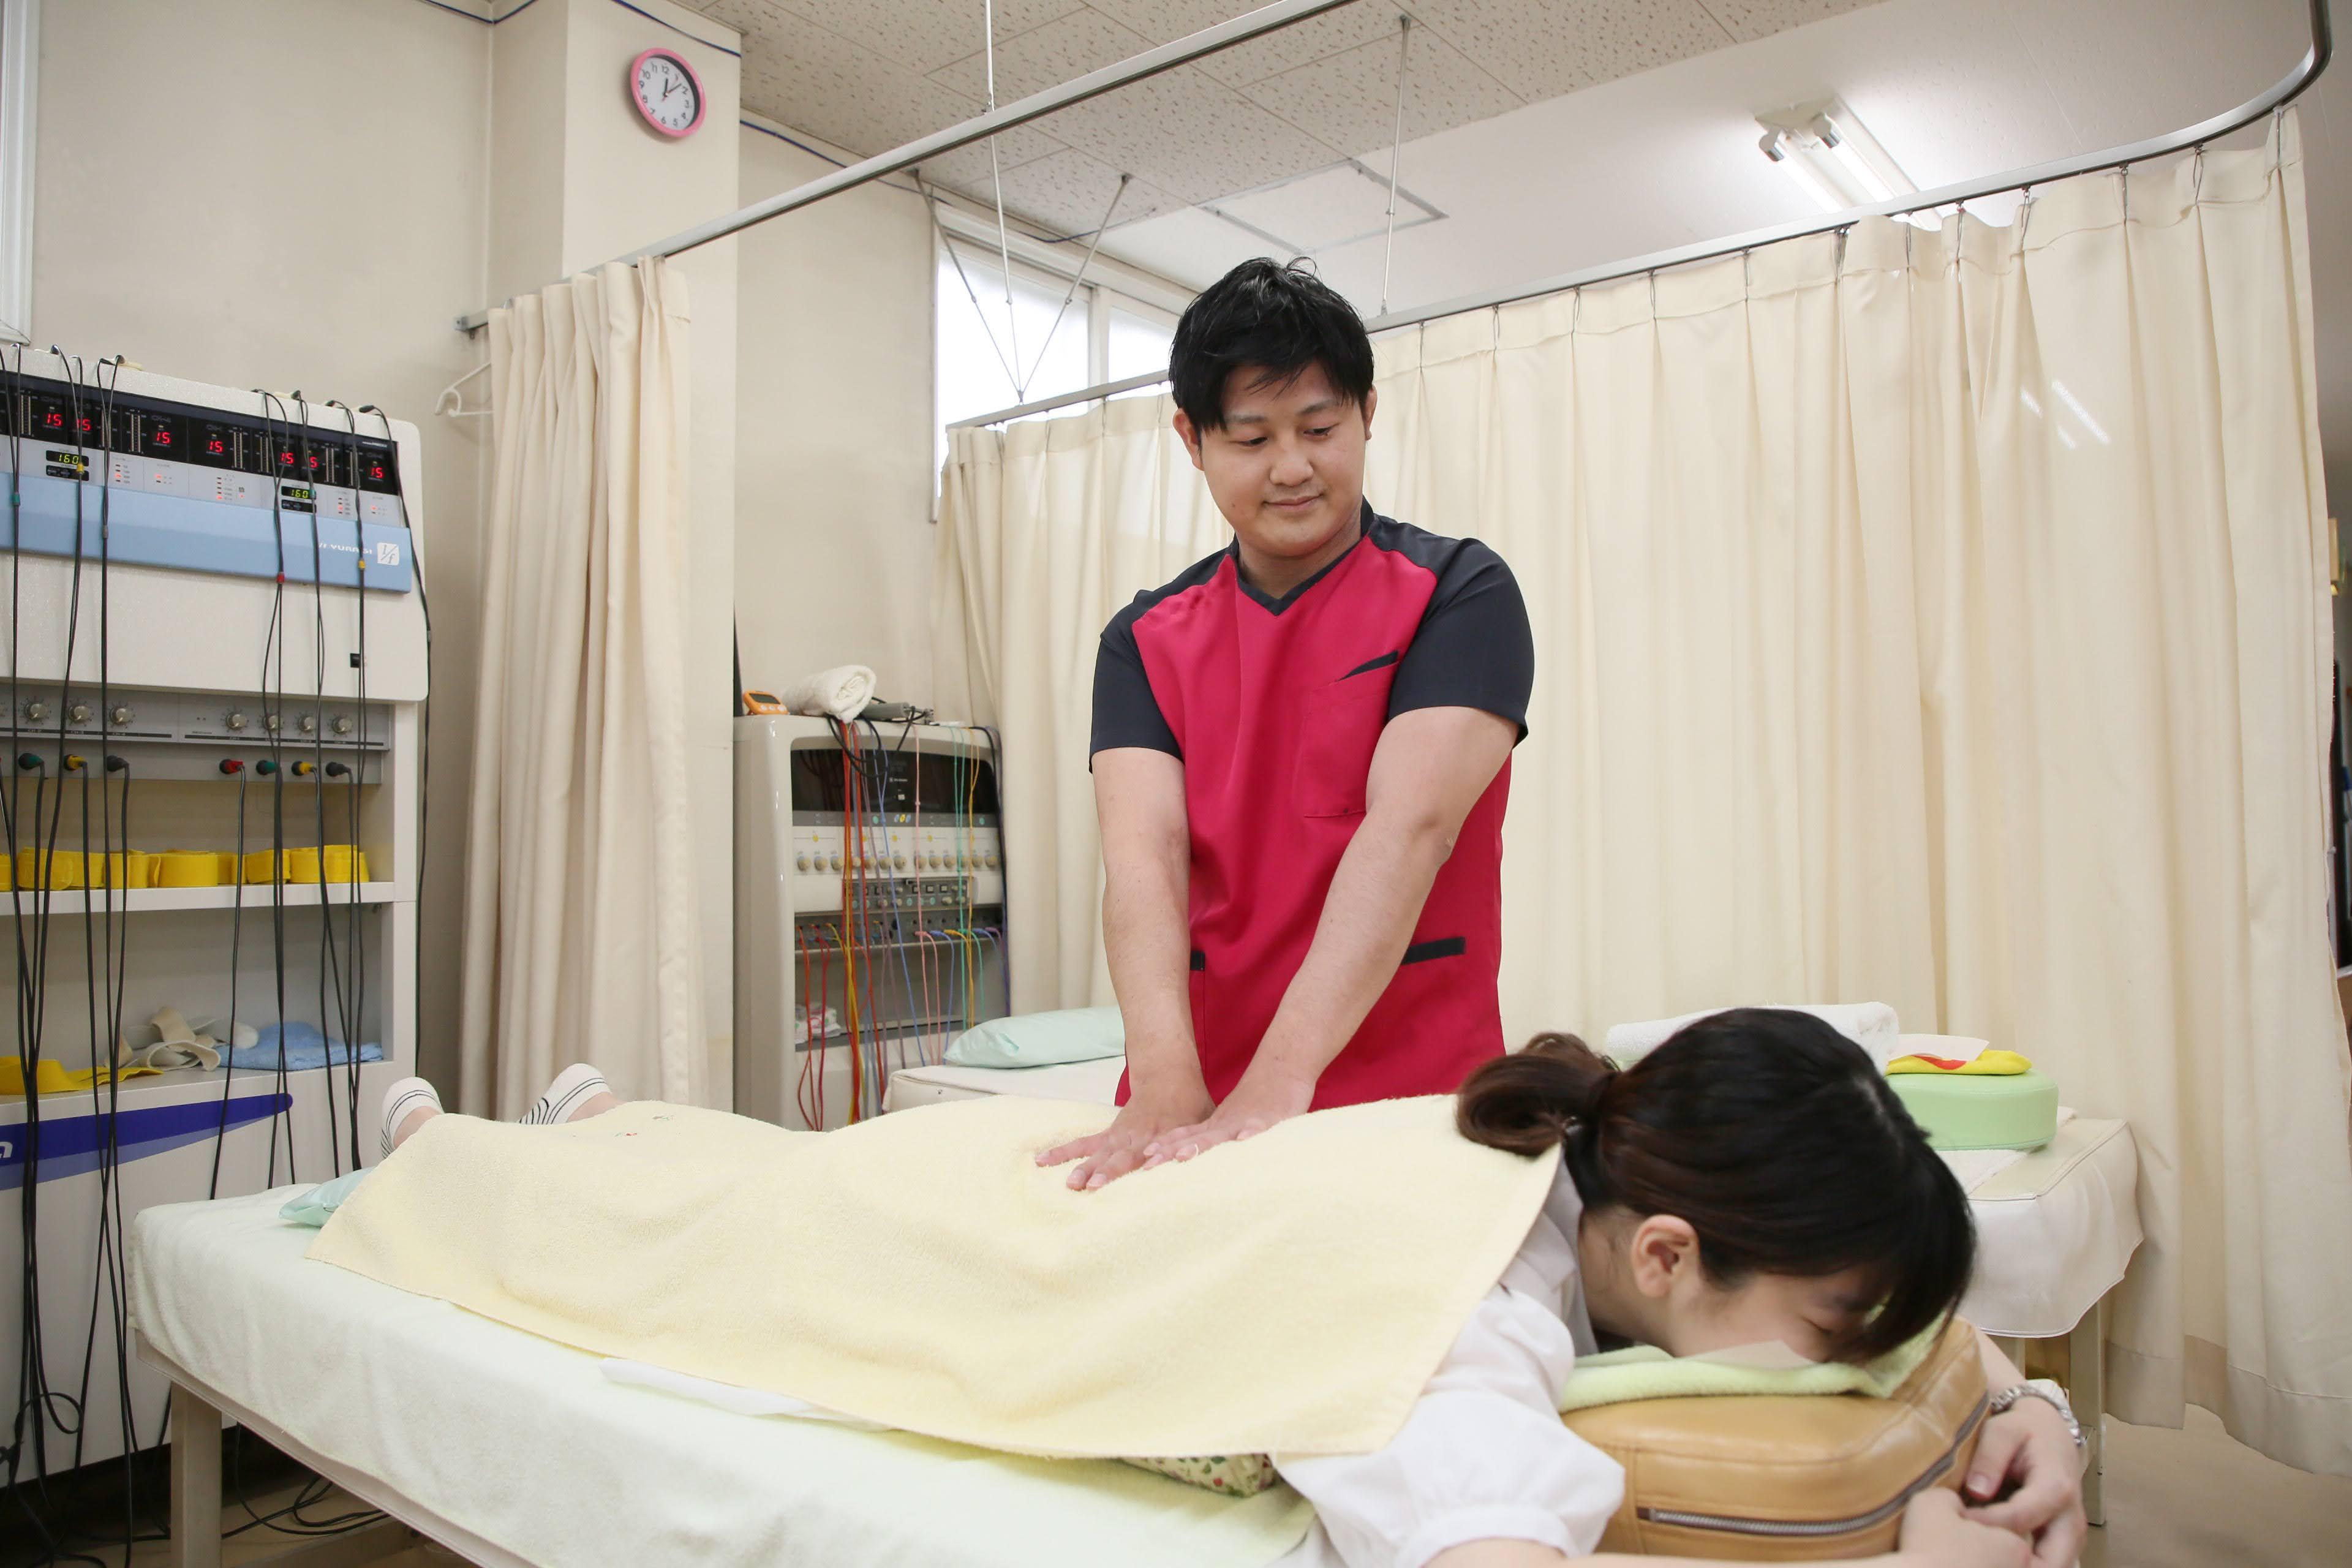 骨盤矯正×筋肉調整×インナーマッスル 長年の腰痛・肩こり・頭痛・背中の痛みを根本改善 3850円